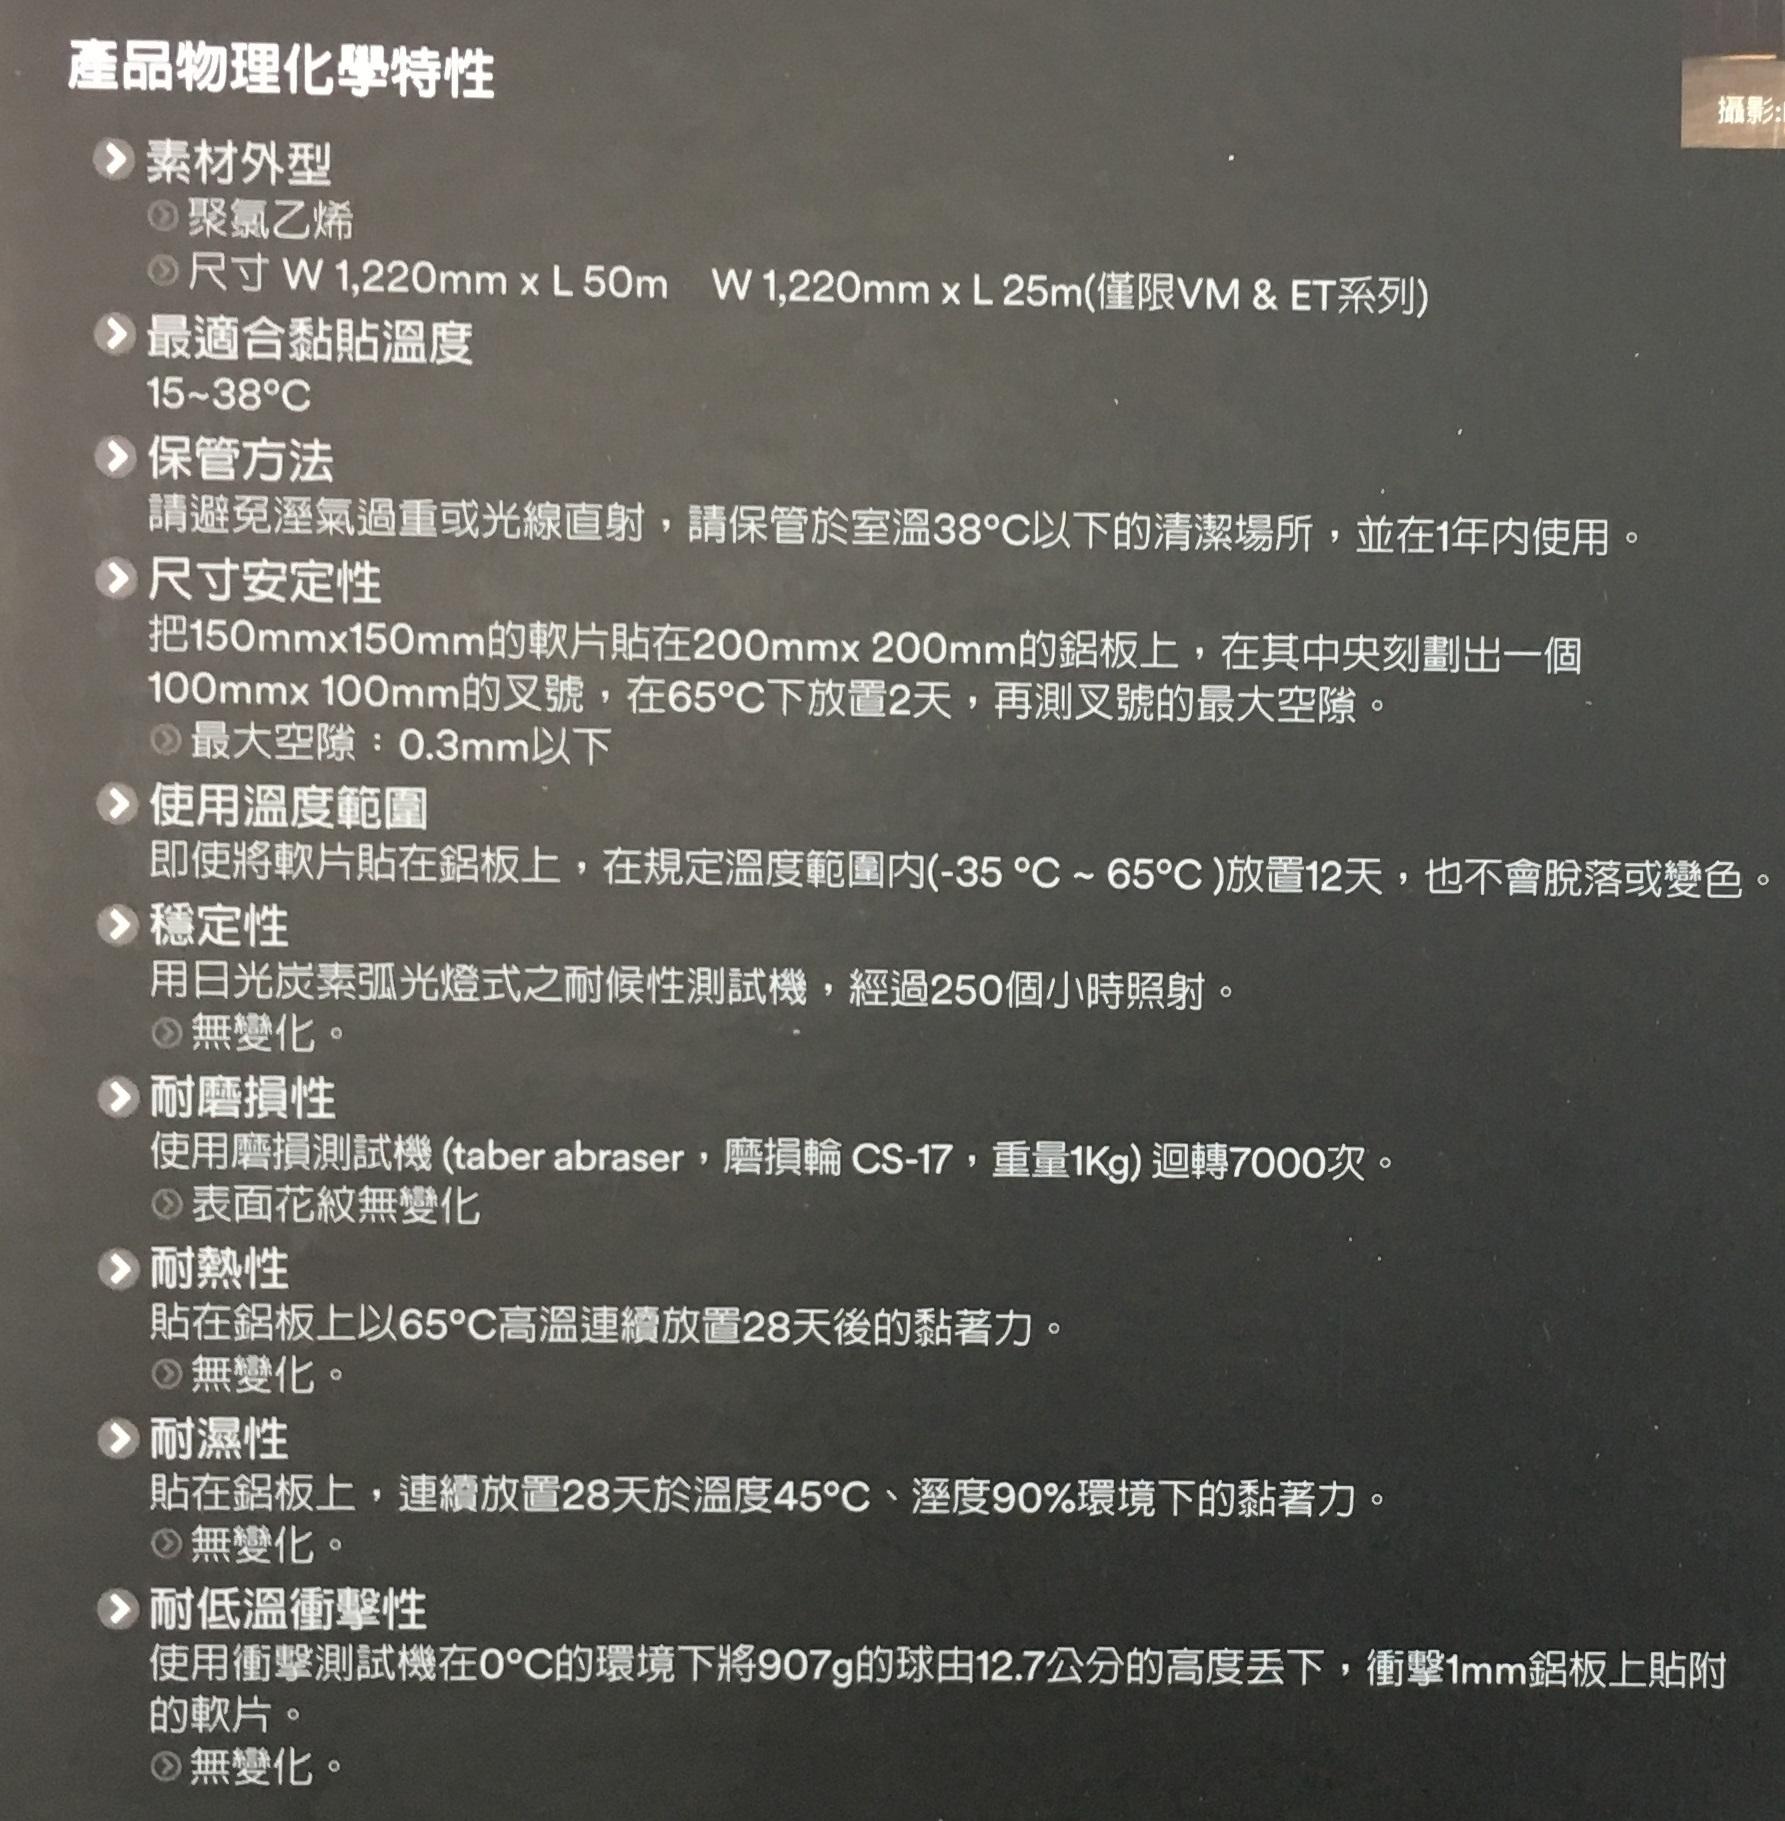 電梯貼膜的特性.jpg